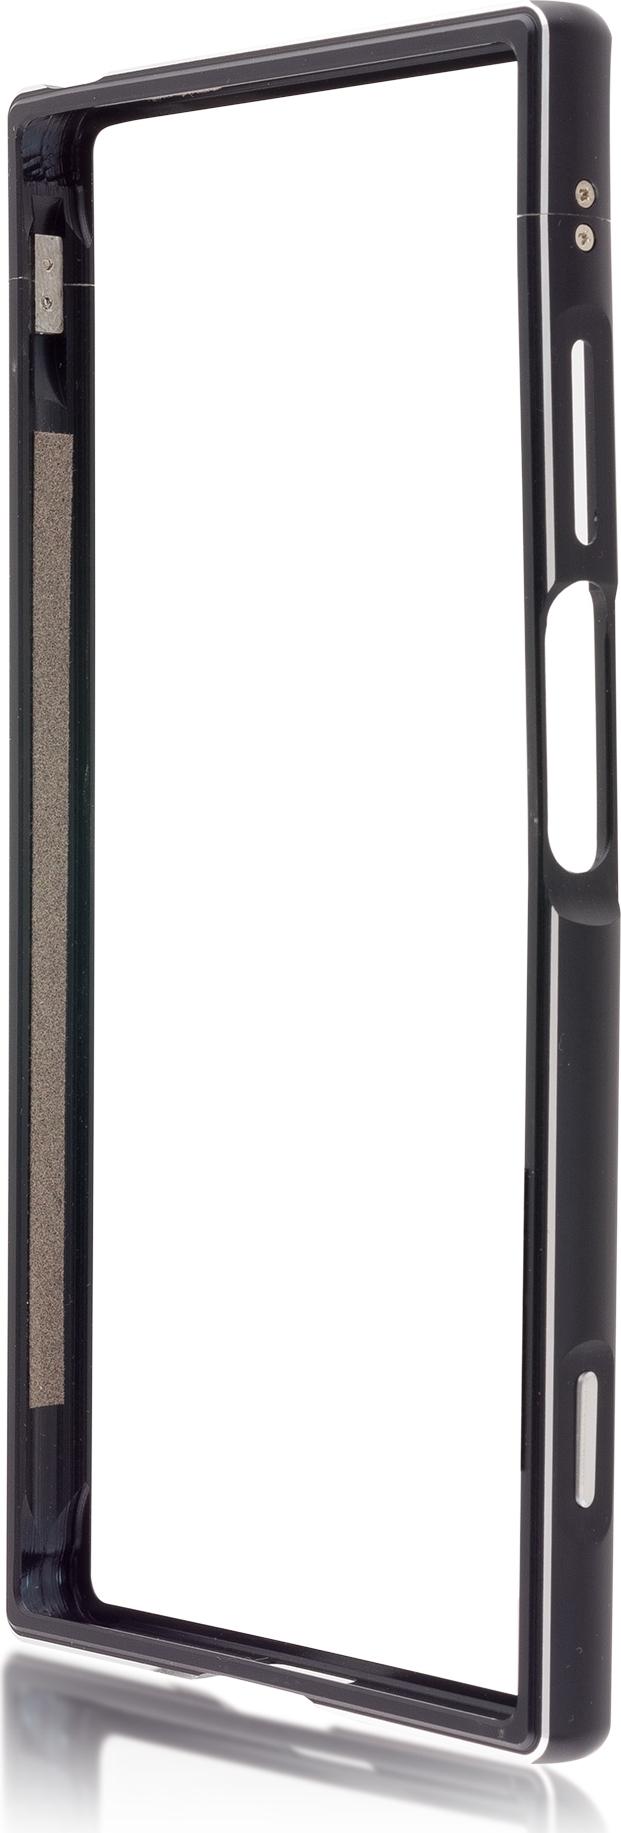 Чехол Brosco BMP для Sony Xperia XA1 Plus, черный чехол для sony i4213 xperia 10 plus brosco силиконовая накладка черный